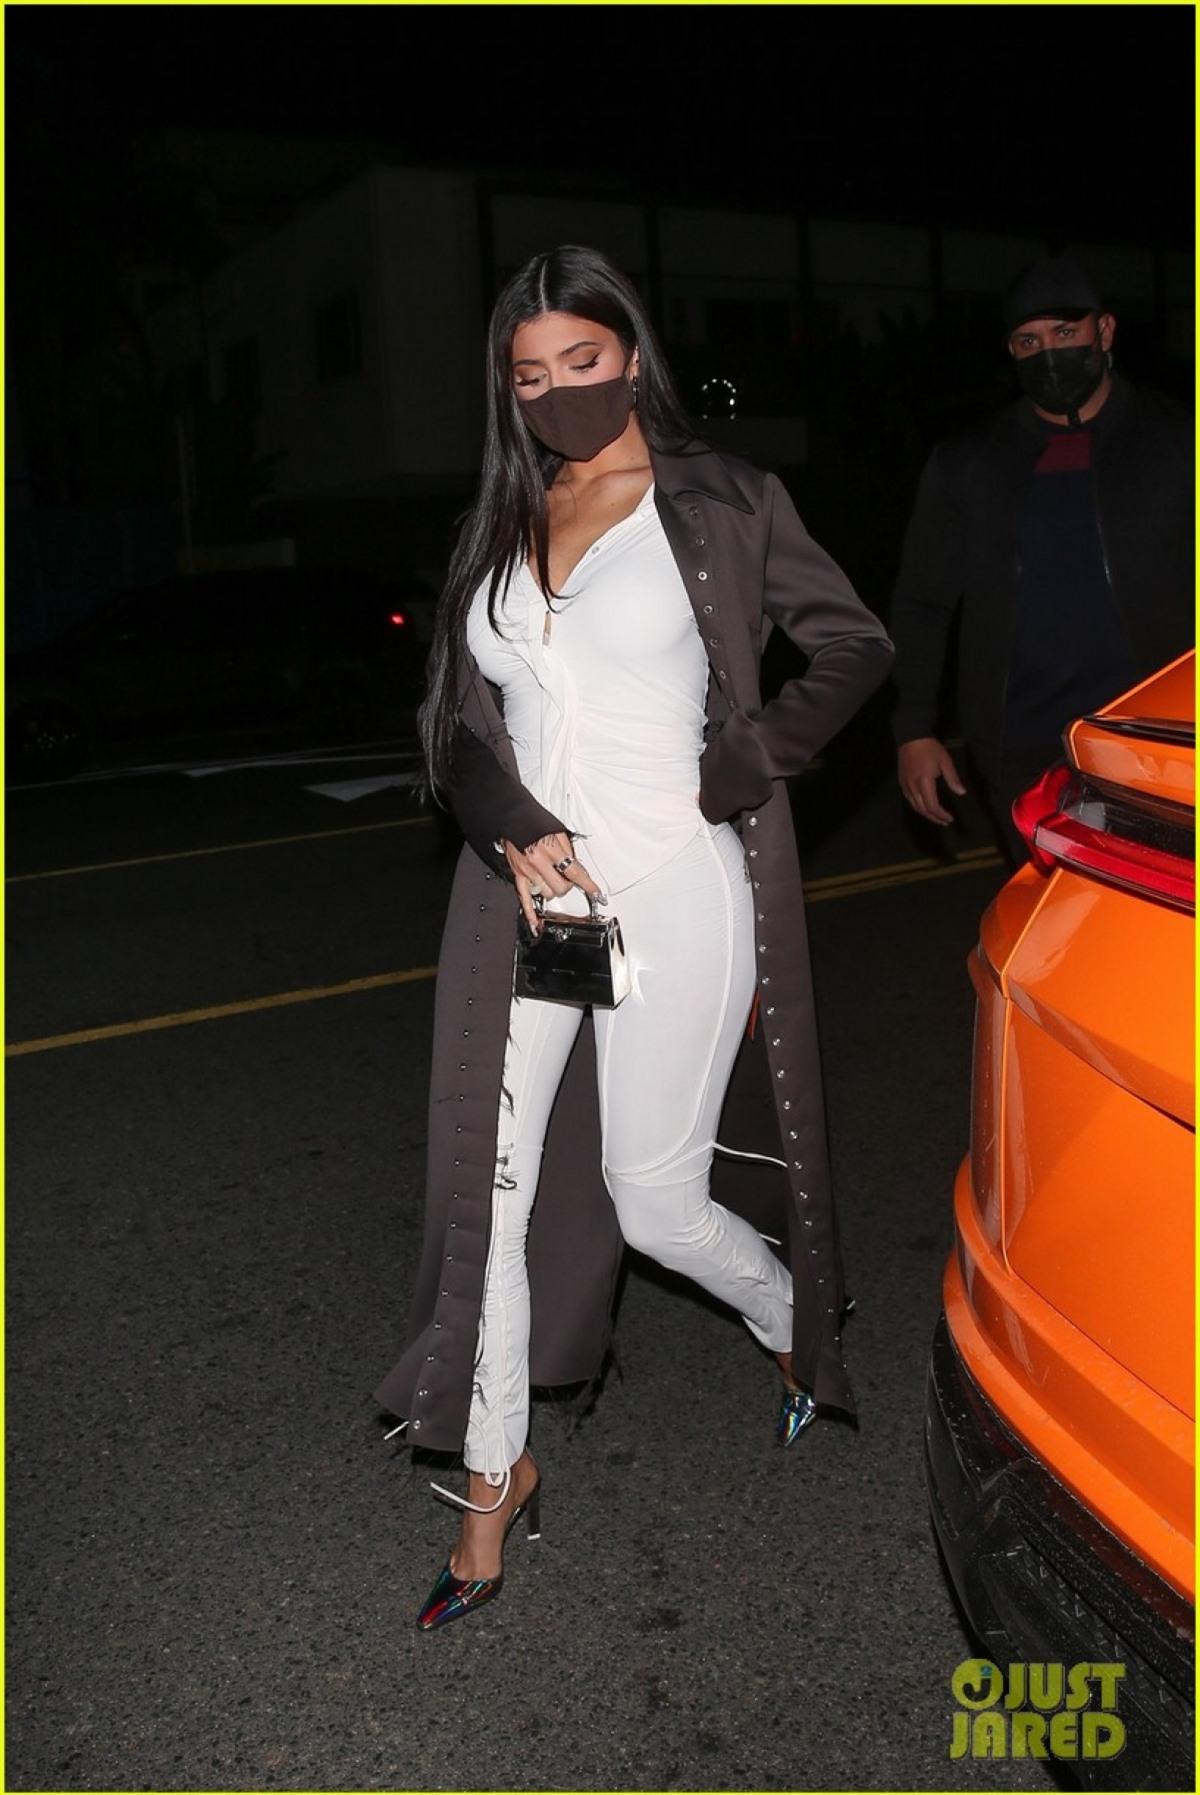 Cũng giống như Kendall Jenner, Kylie sở hữu gương mặt xinh đẹp và gu thời trang ấn tượng.